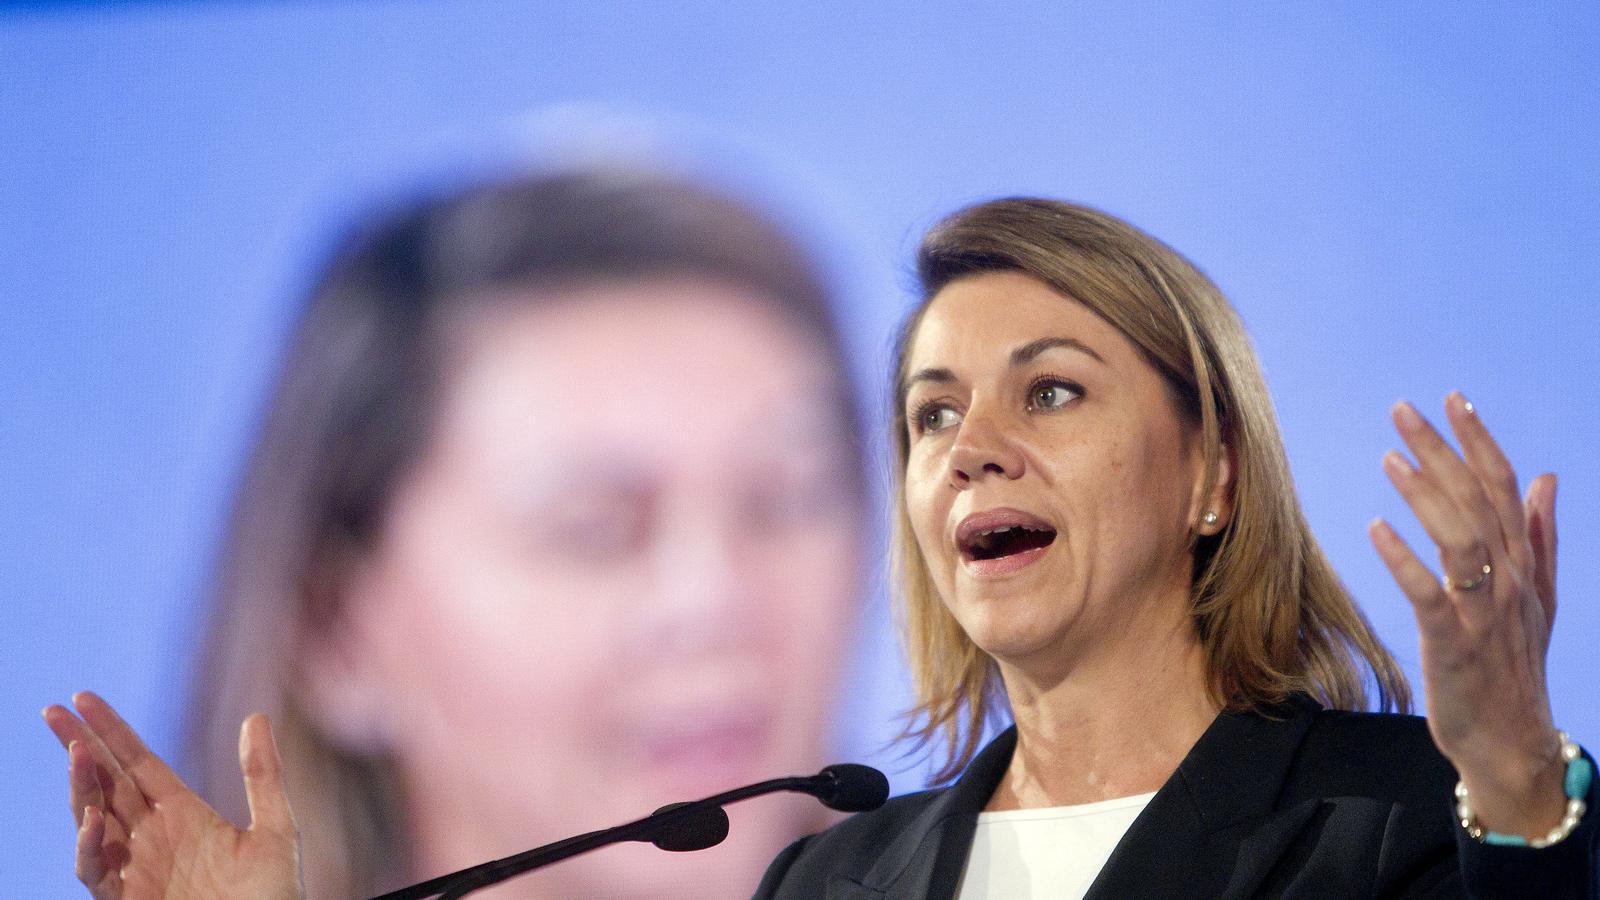 La secretària general, María Dolores de Cospedal va ser ahir, a Badalona, la protagonista del segon acte central de campanya que els populars celebren a Catalunya.